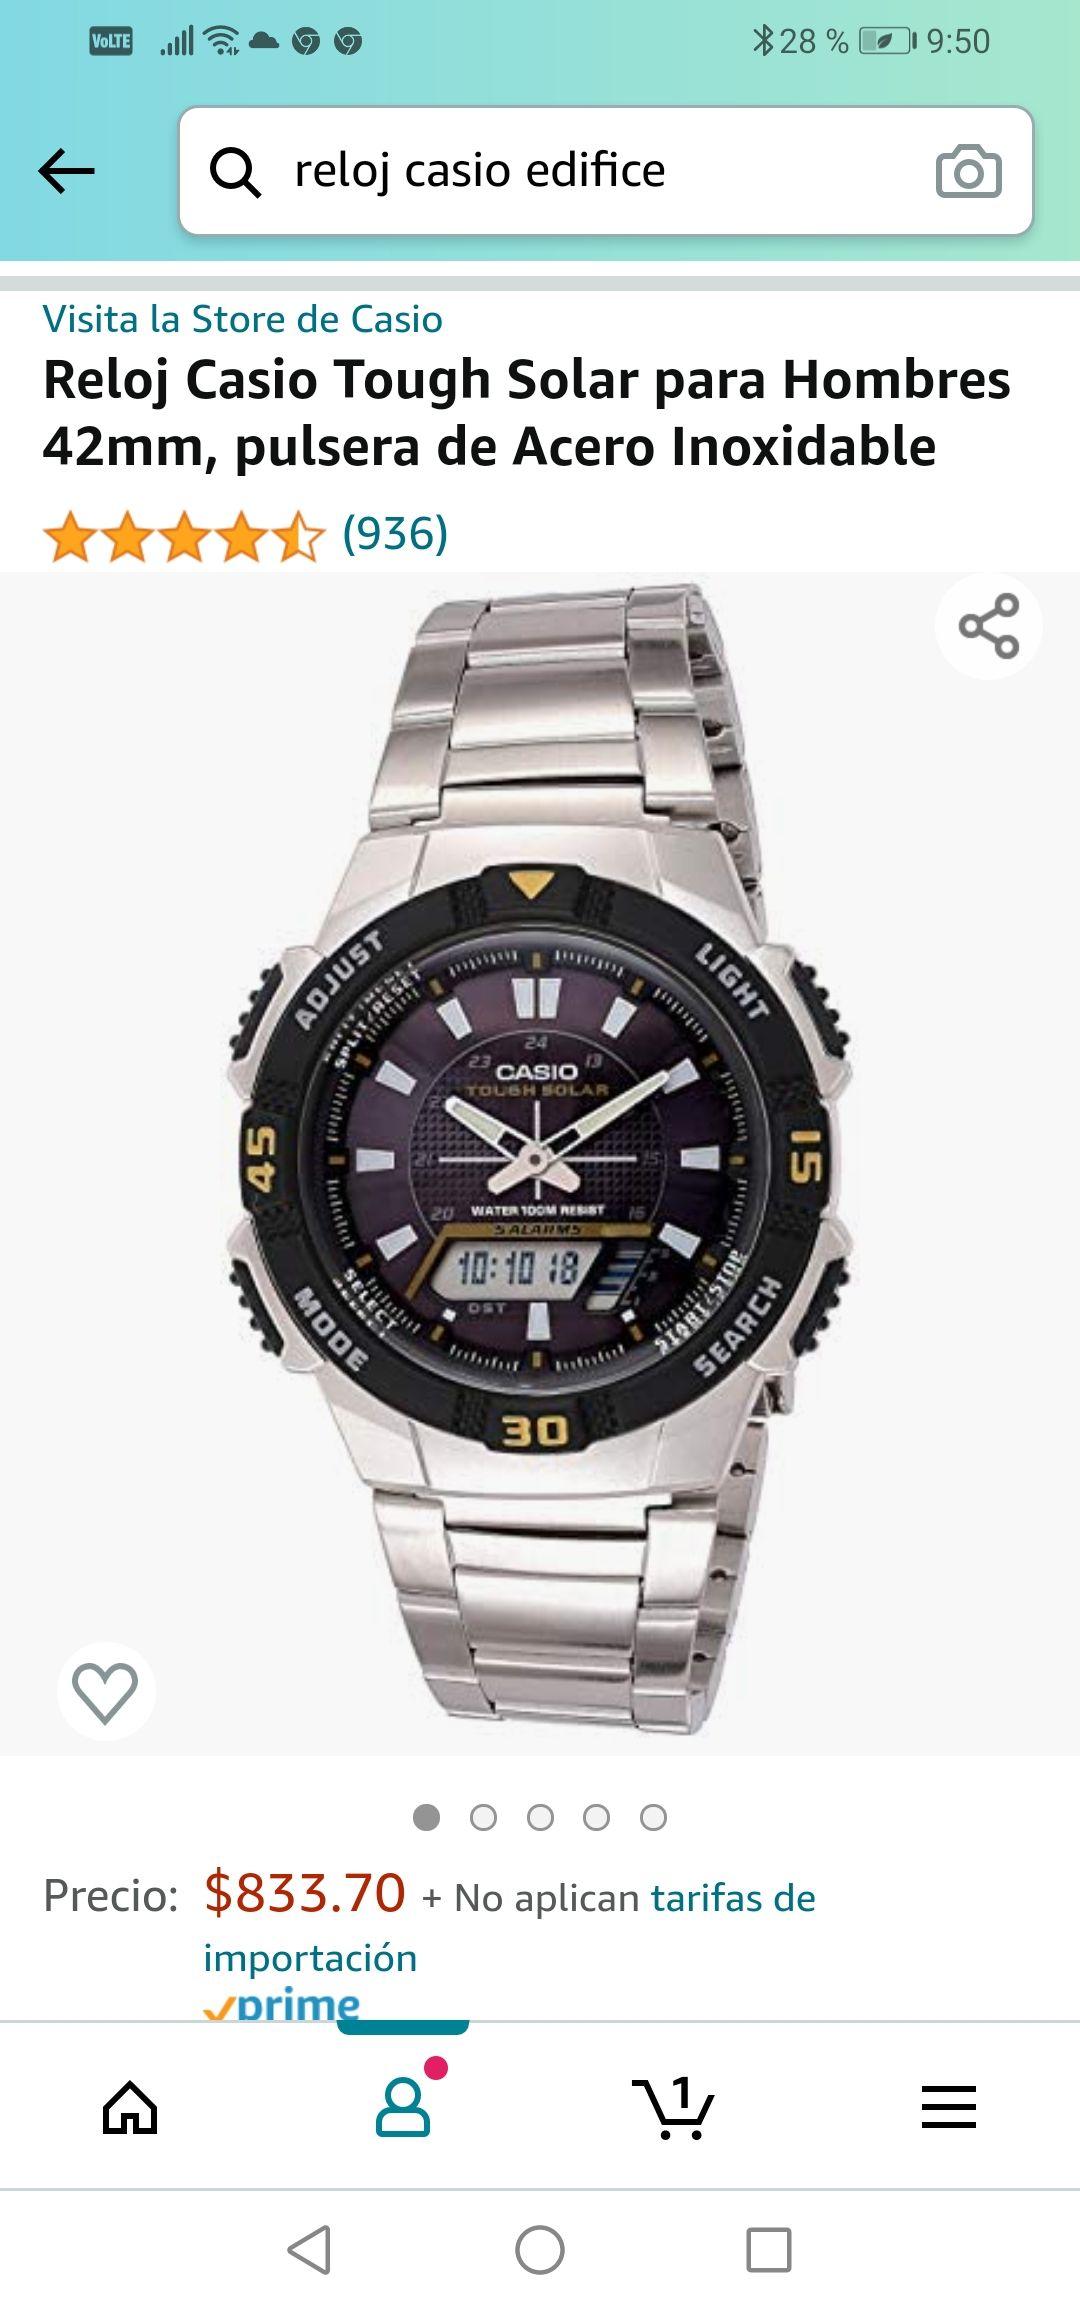 Amazon: Reloj Casio Tough Solar para Hombres 42mm, pulsera de Acero Inoxidable